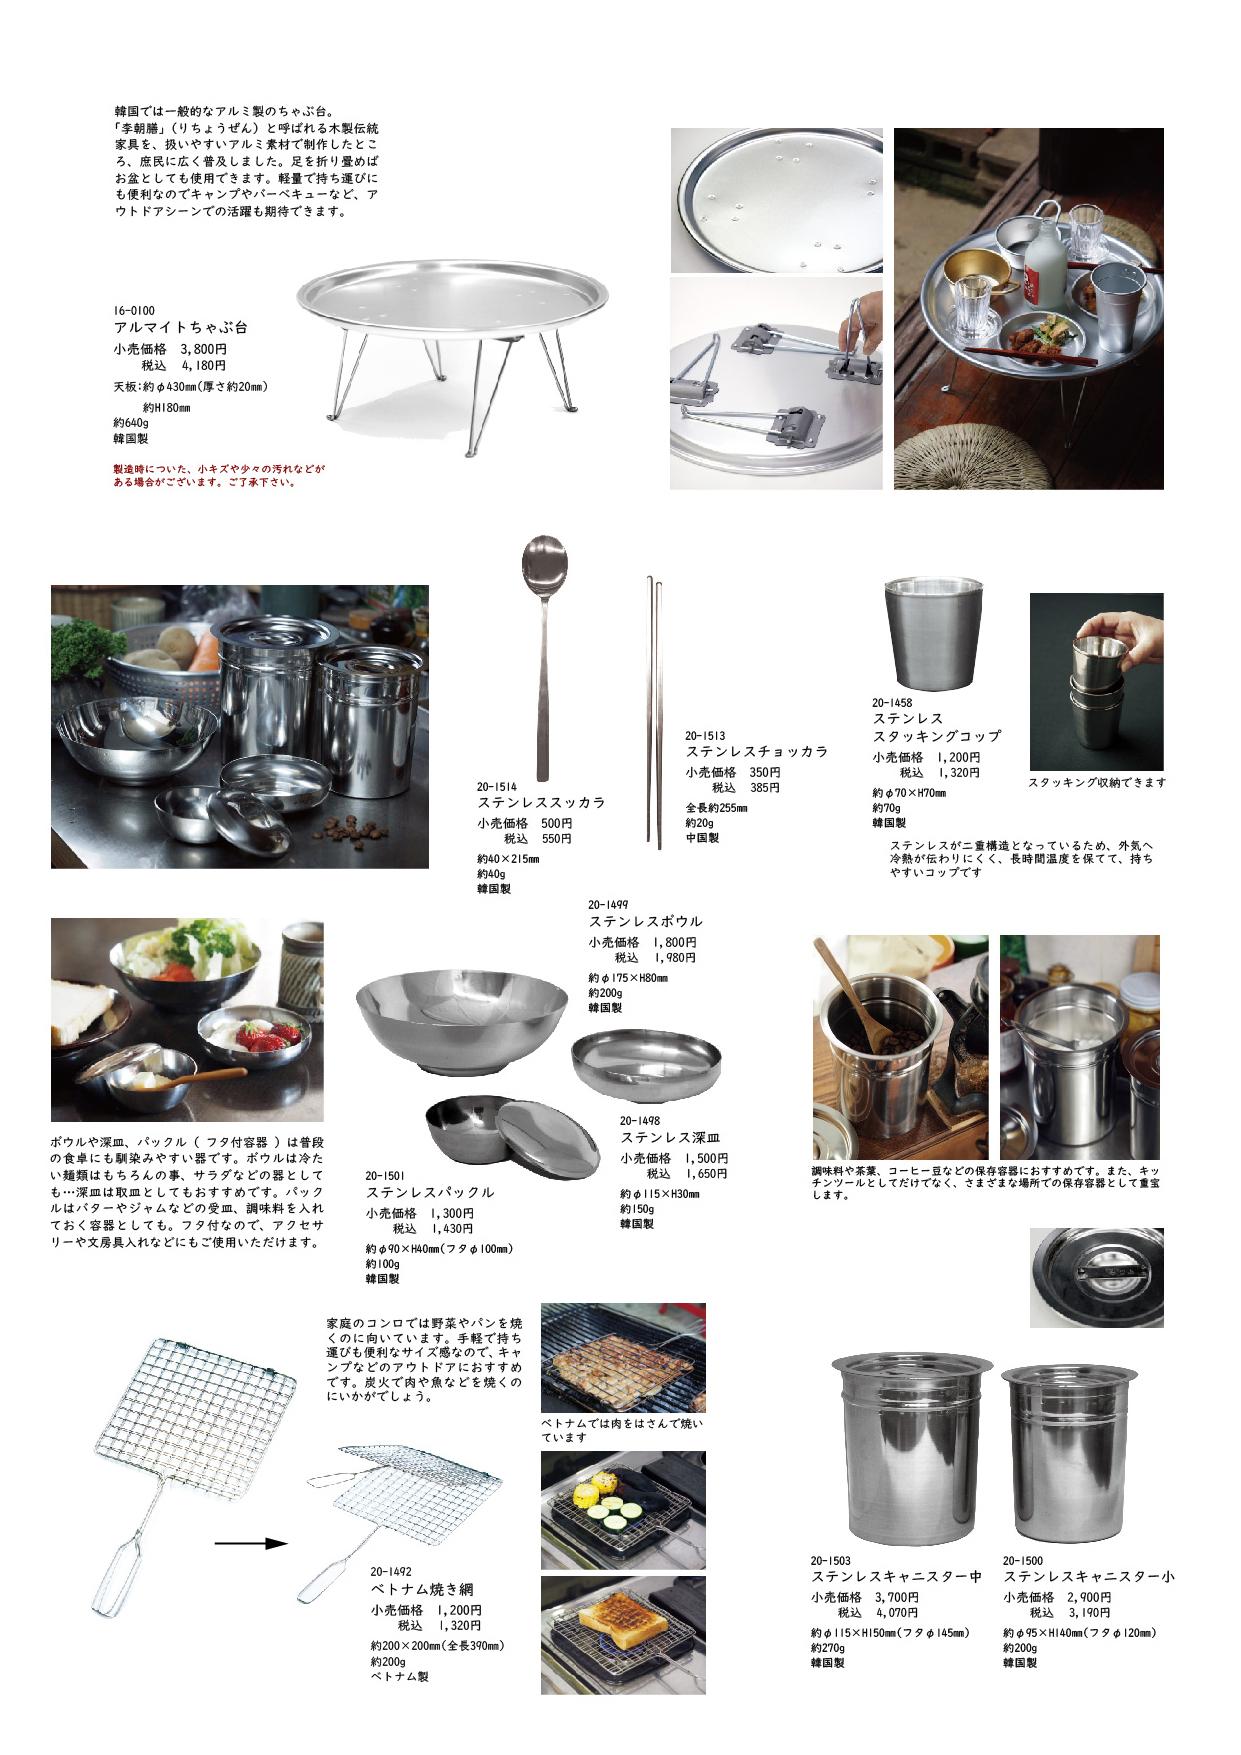 台所用品⑥-アルマイトちゃぶ台・ステンレス製品-